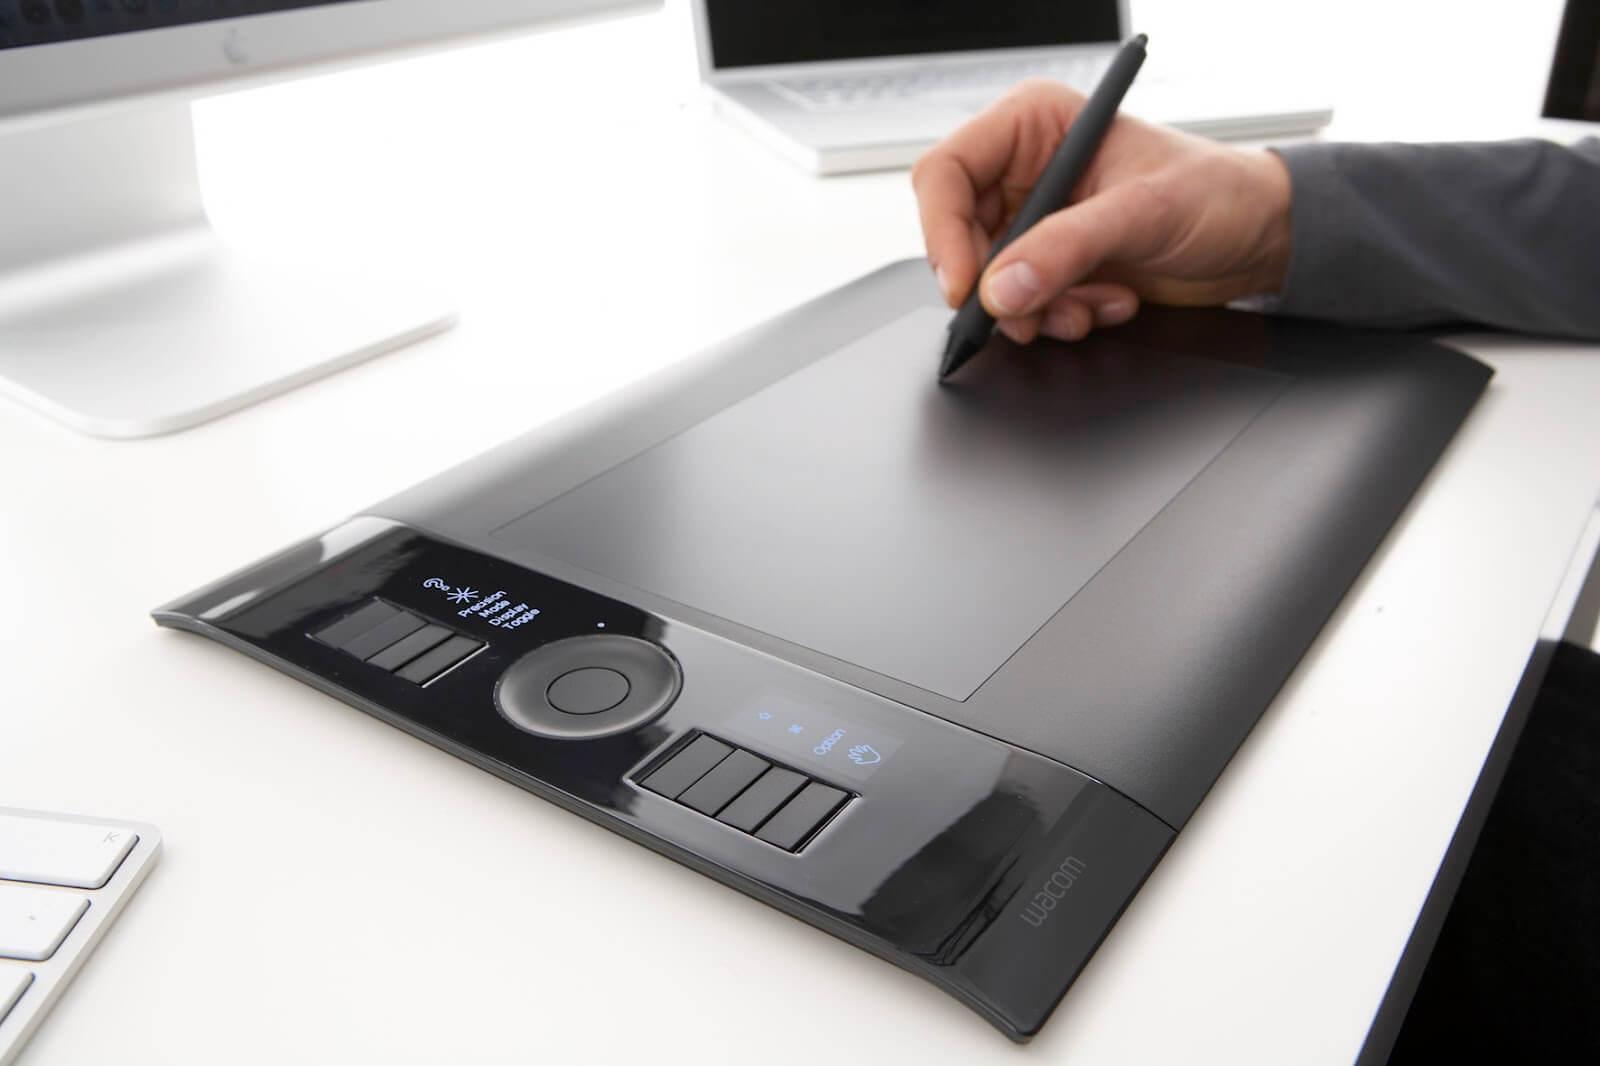 Grafik Tablet Nasıl Kullanılır Grafik Tablet Nedir Grafik Tablet Nedir? Nasıl ve Nerelerde Kullanılır? grafik tablet nedir